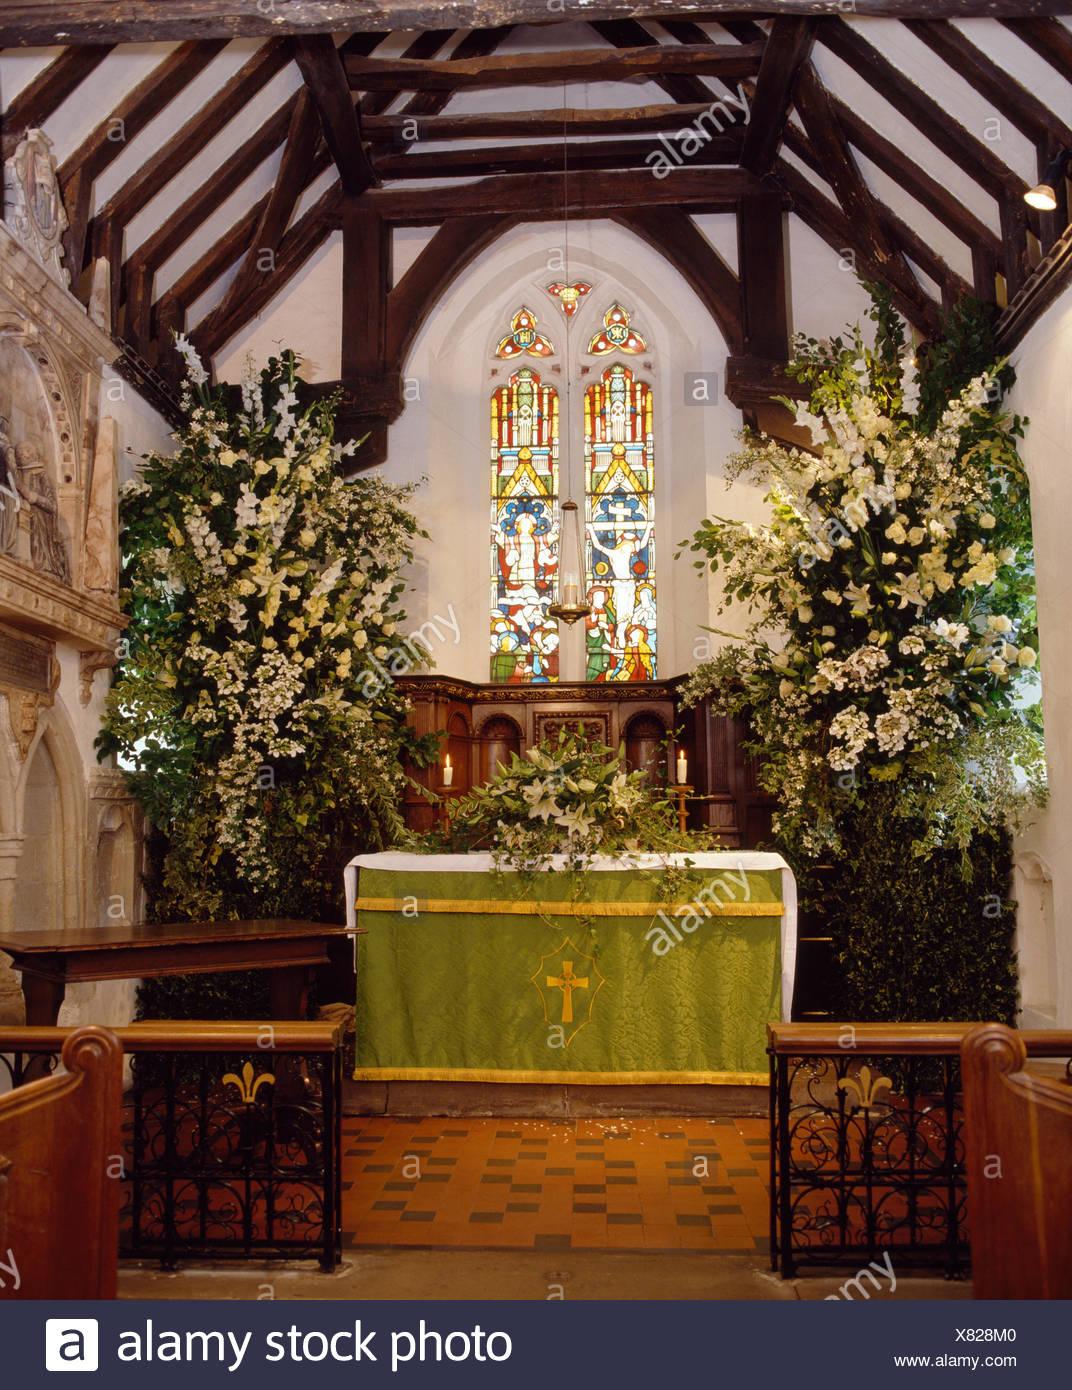 País Iglesia Decorada Para Una Boda Con Rosas Blancas Y